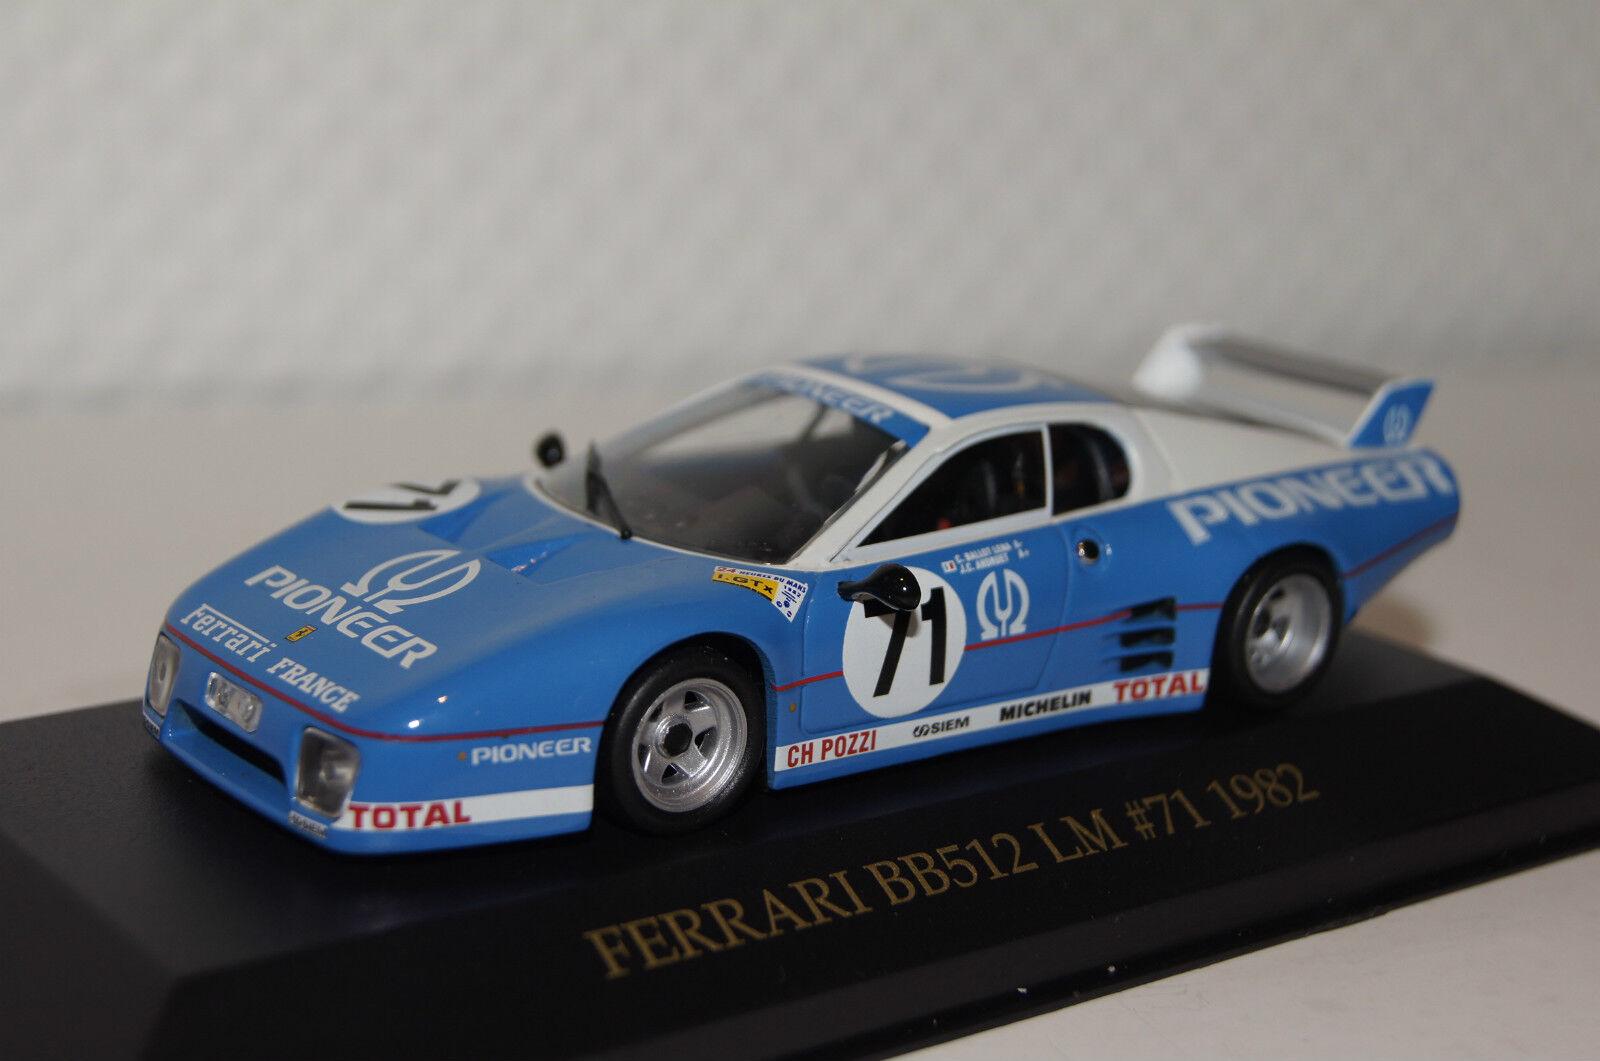 ventas en linea Ferrari bb512lm  71 1982 1982 1982 1 43 Ixo nuevo con embalaje original fer006  precioso